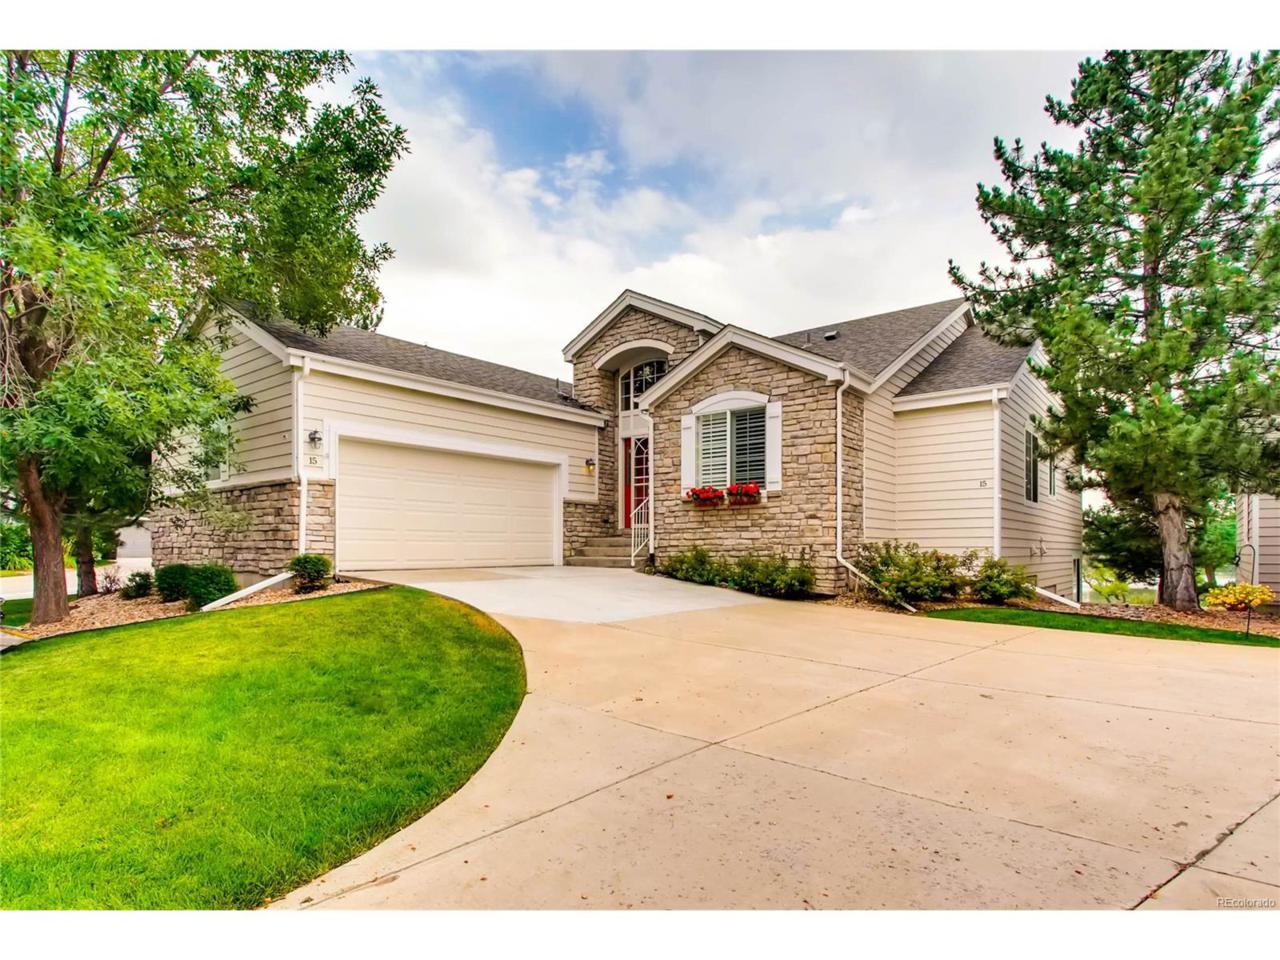 7400 W Grant Ranch Boulevard #15, Denver, CO 80123 (MLS #5521663) :: 8z Real Estate